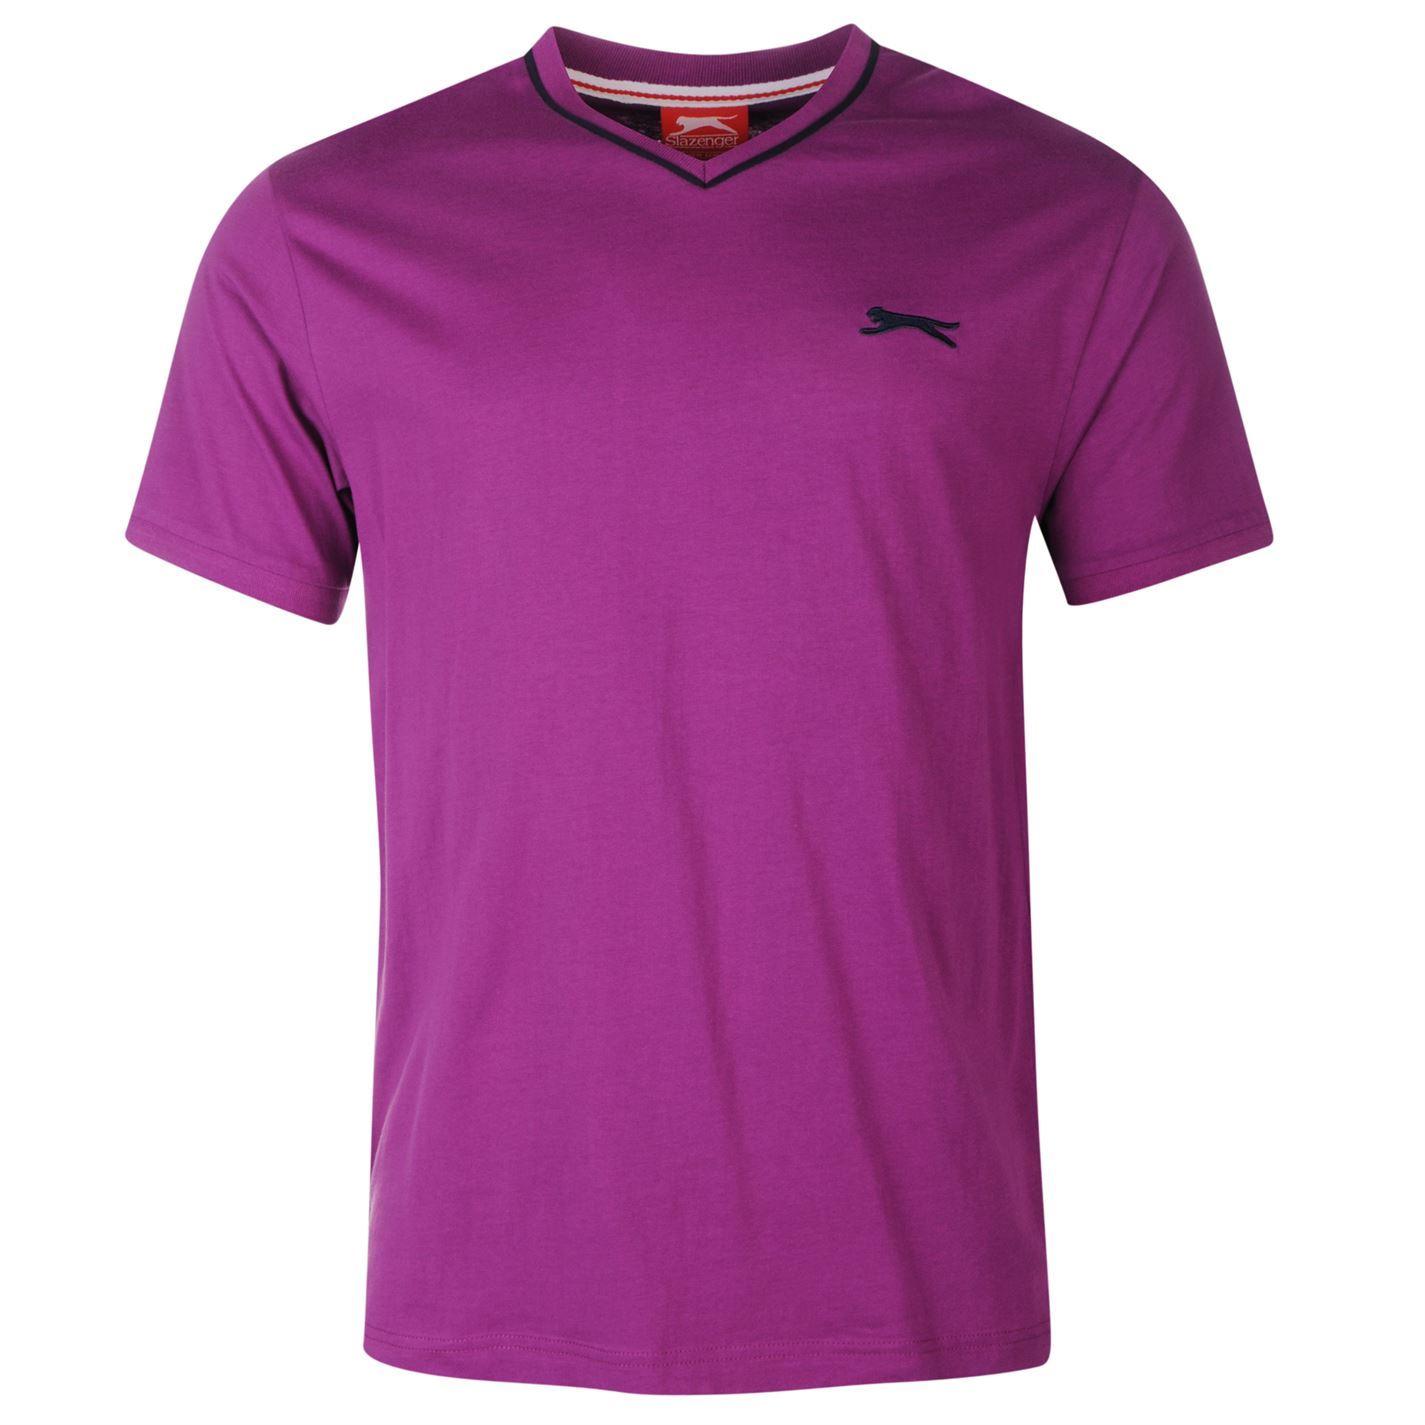 Slazenger mens v neck t shirt short sleeve tee top for Best short sleeve shirts